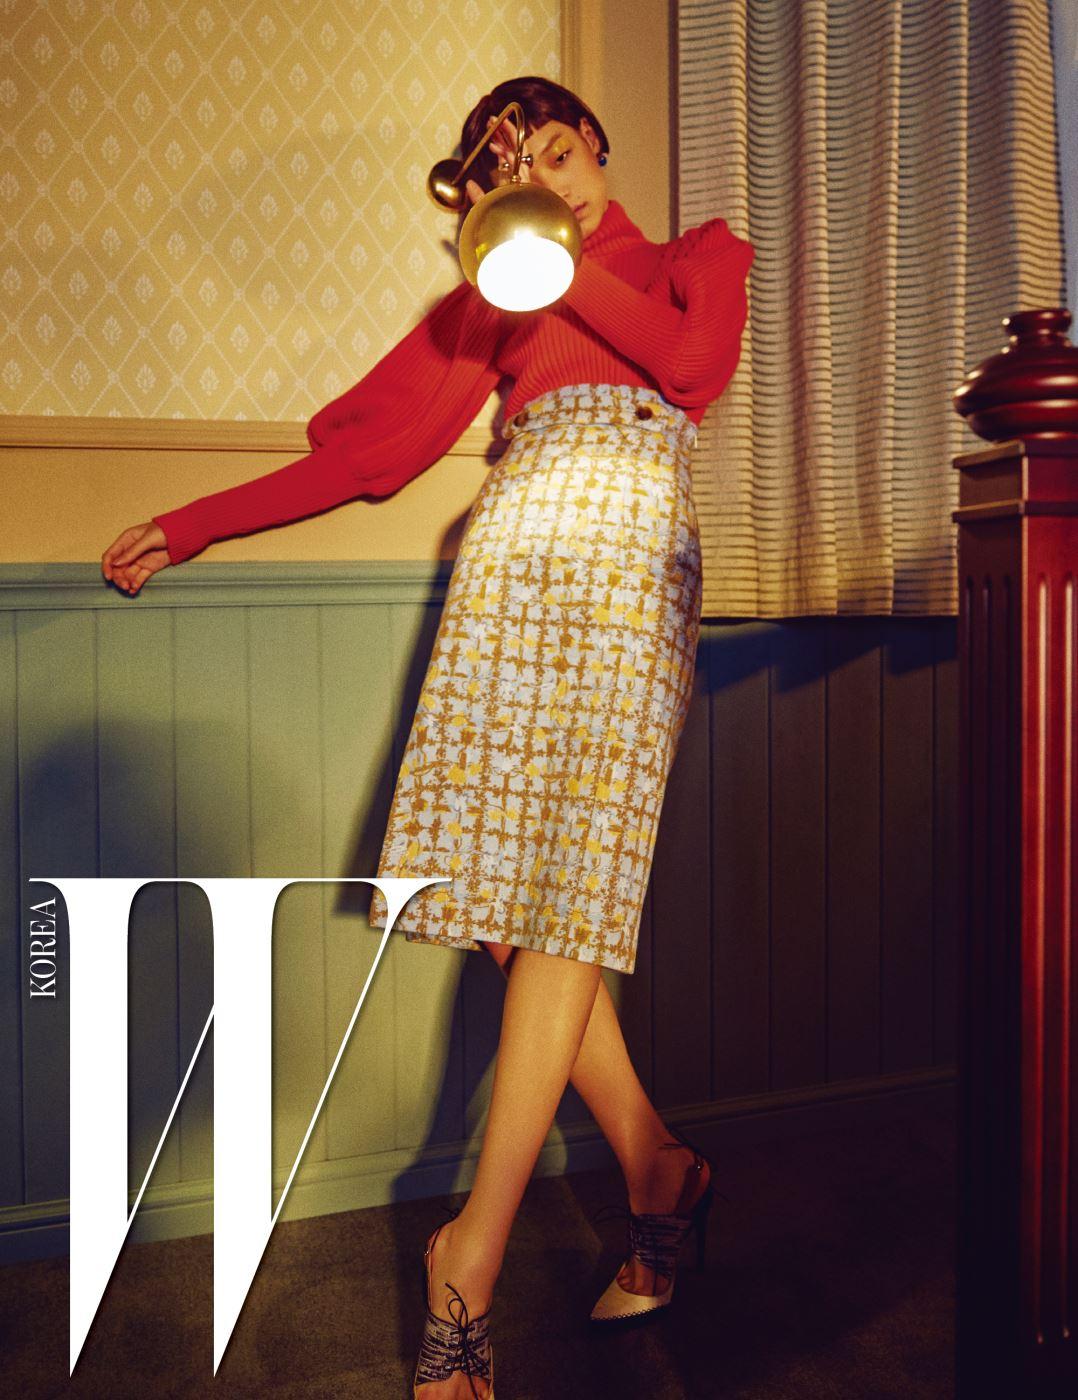 퍼프 소매 터틀넥 니트 톱, 허리선이 높은 스커트, 레이스업 슬링백 펌프스, 이어링과 드롭 이어커프, 레이어드한 링은 모두 Dior 제품. 침대 프레임은 SIMMONS Collectionon 벨로Ⅱ제품.